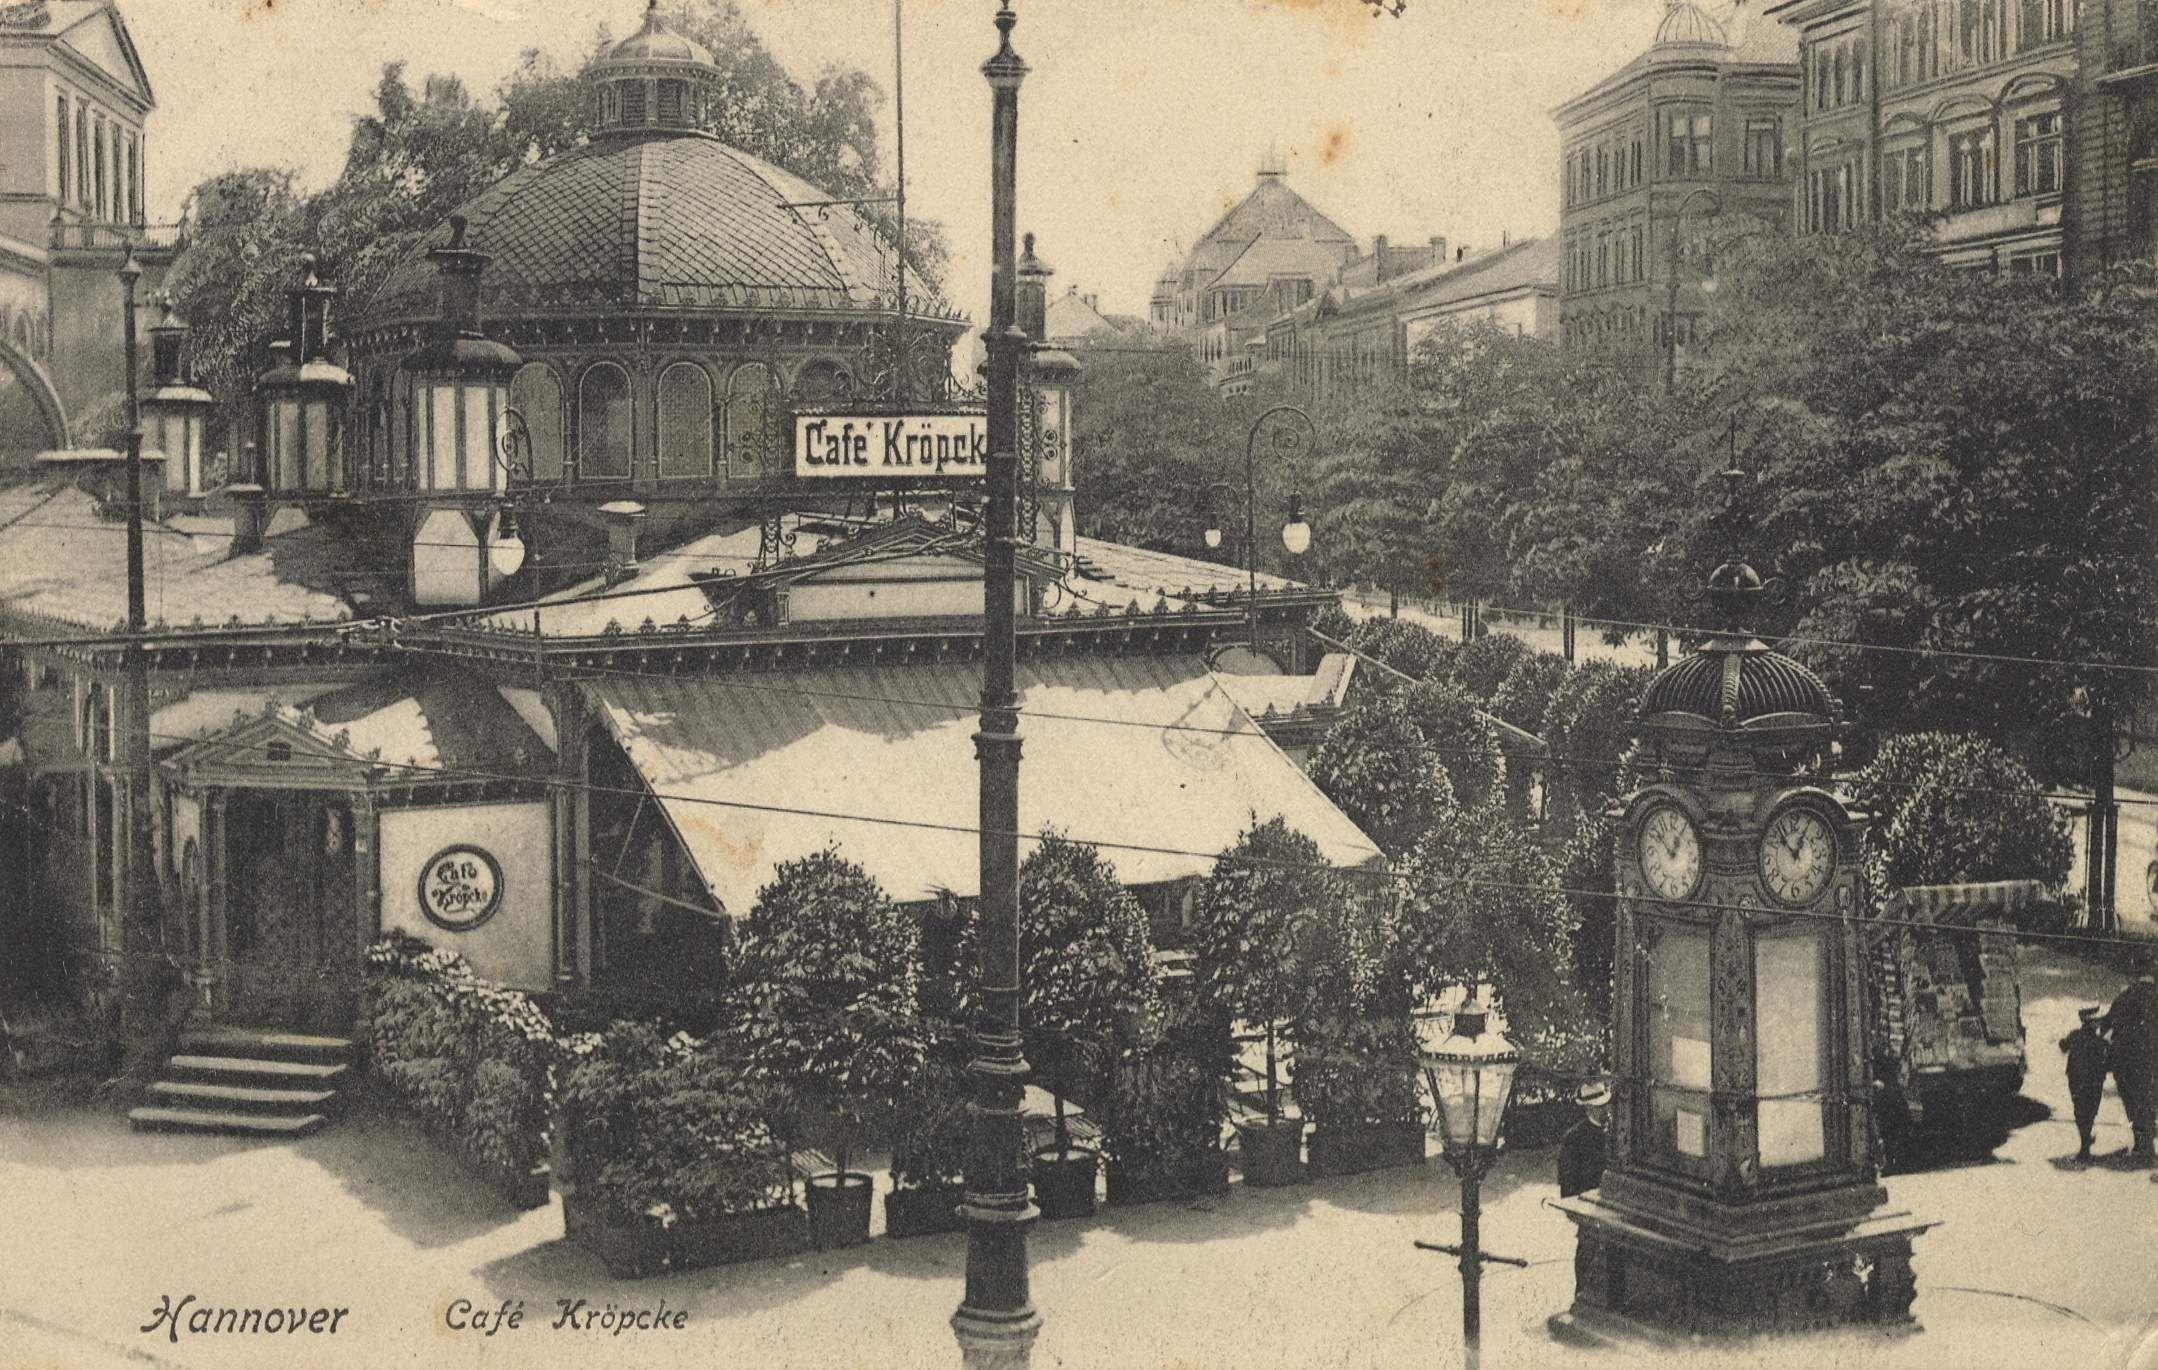 Café Kröpcke Bildseite, 1900